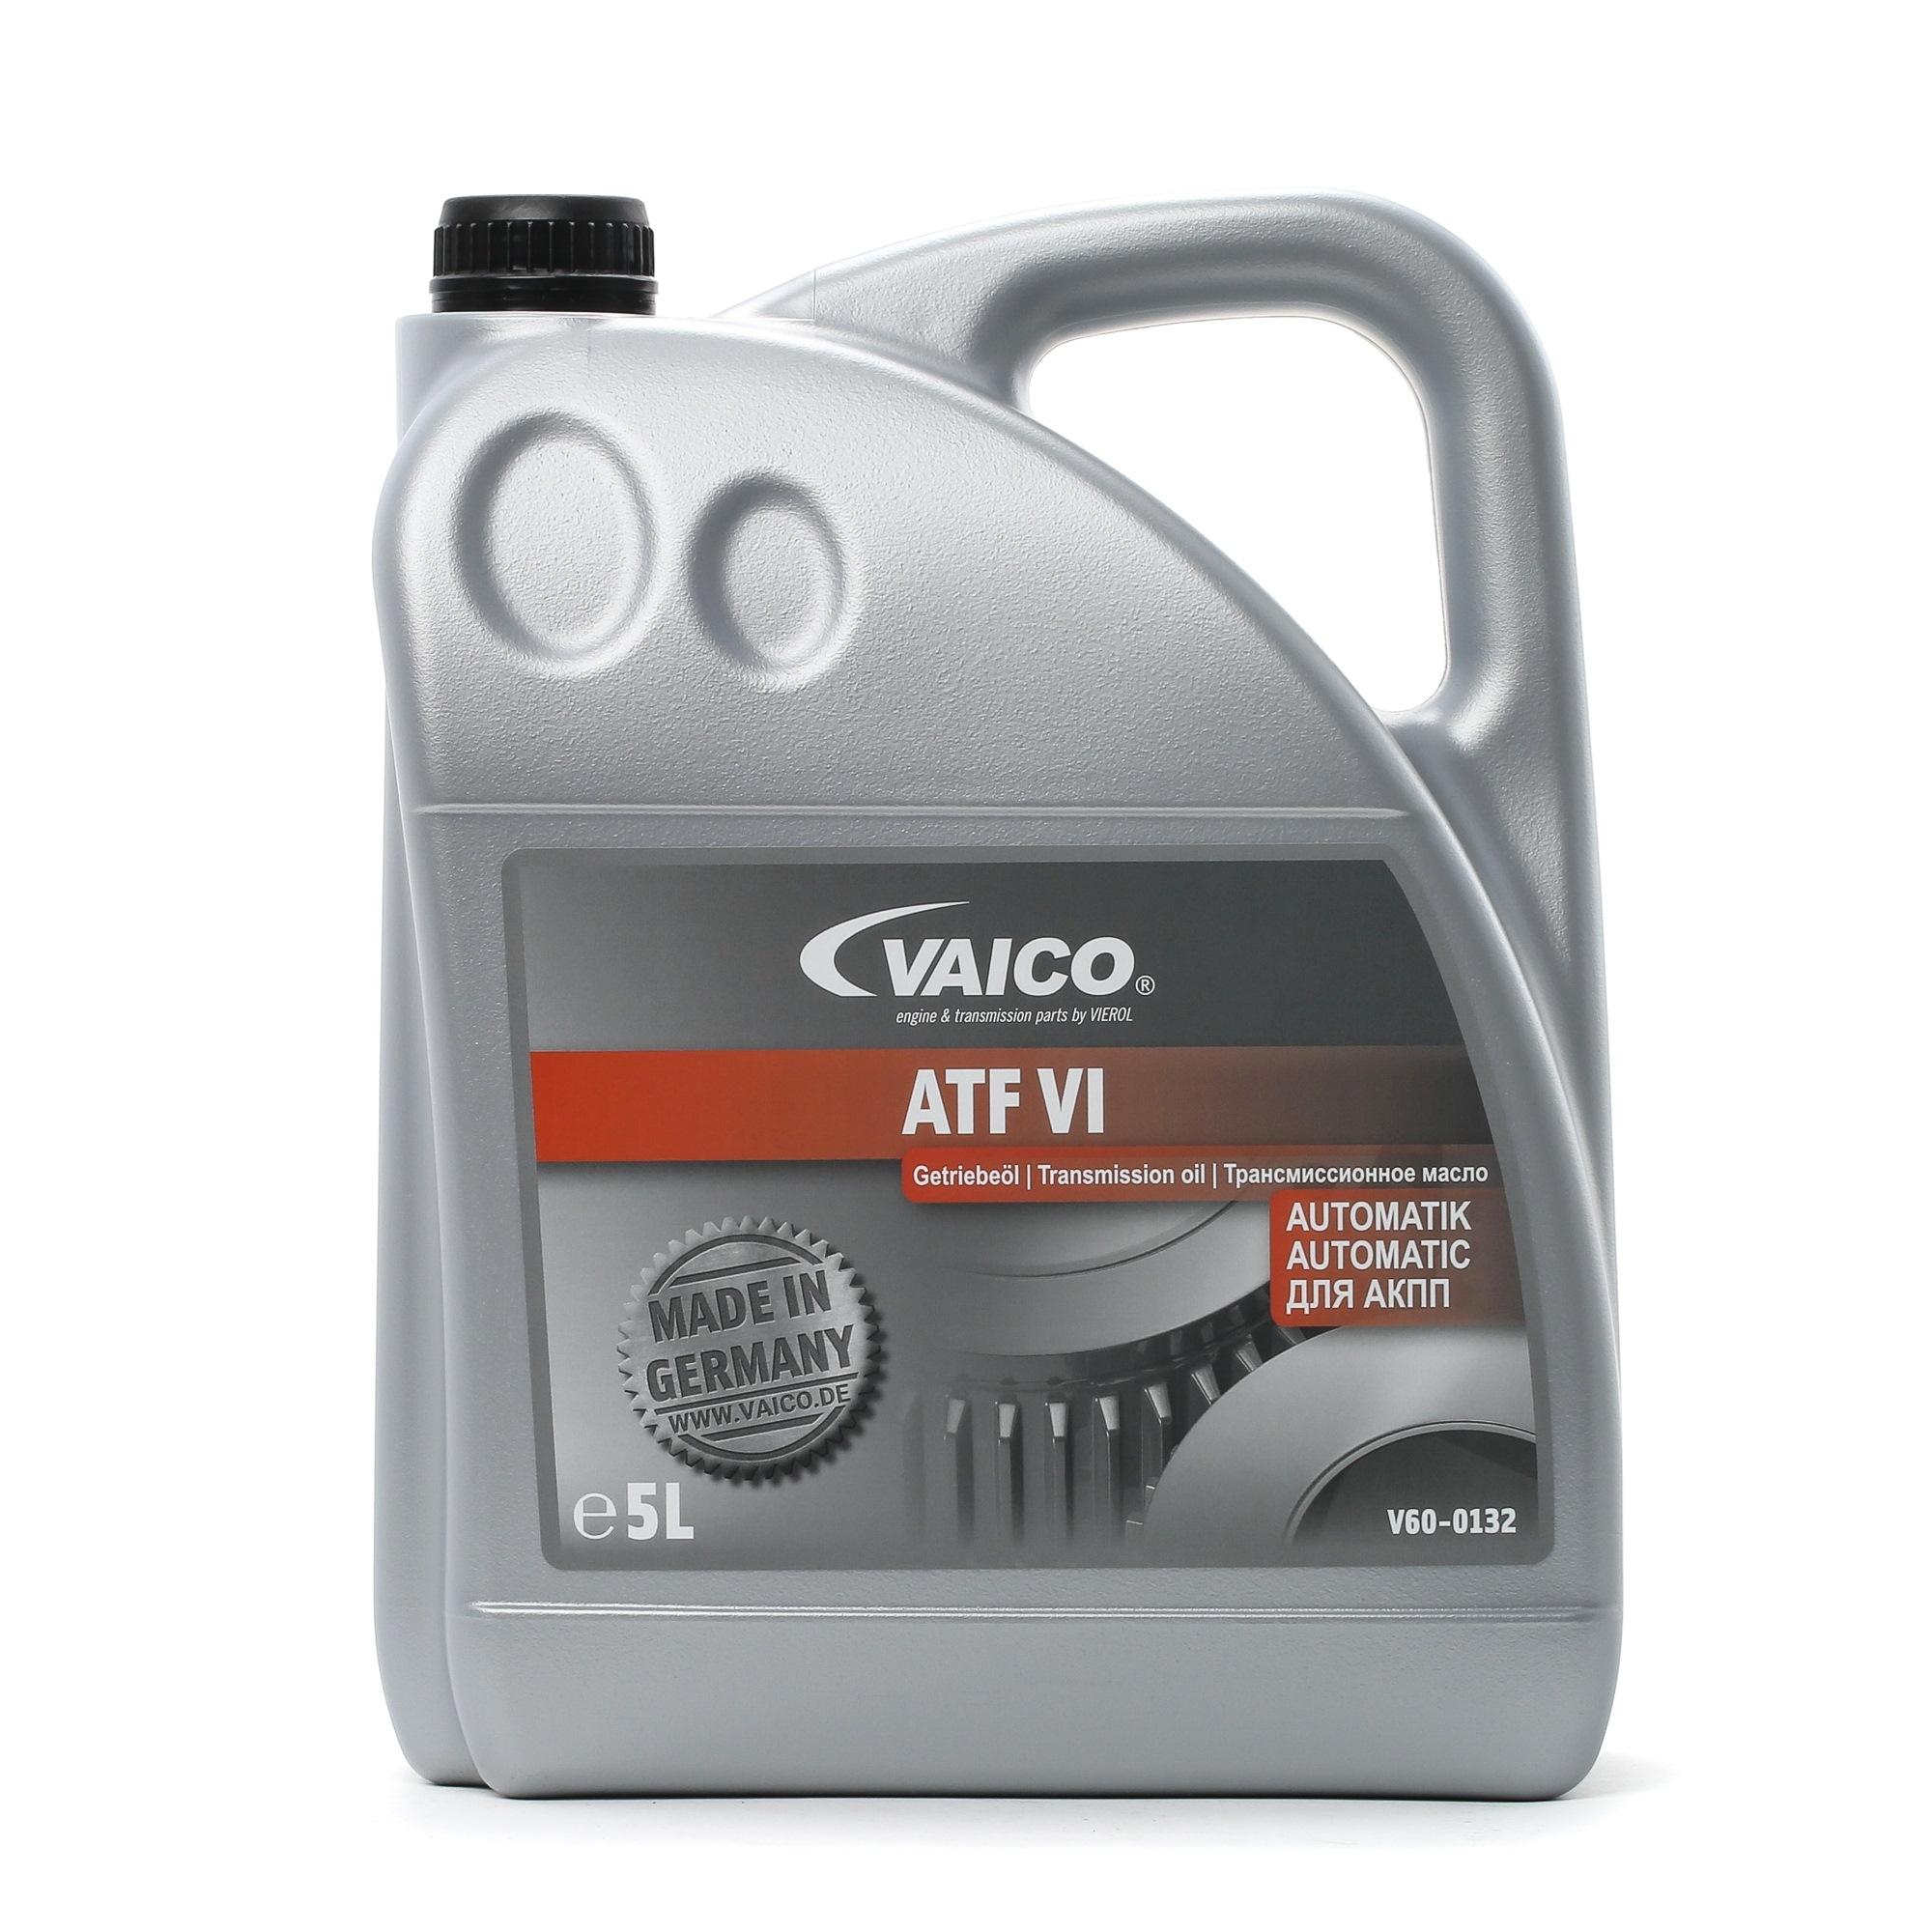 Váltóolaj V60-0132 VAICO — csak új alkatrészek